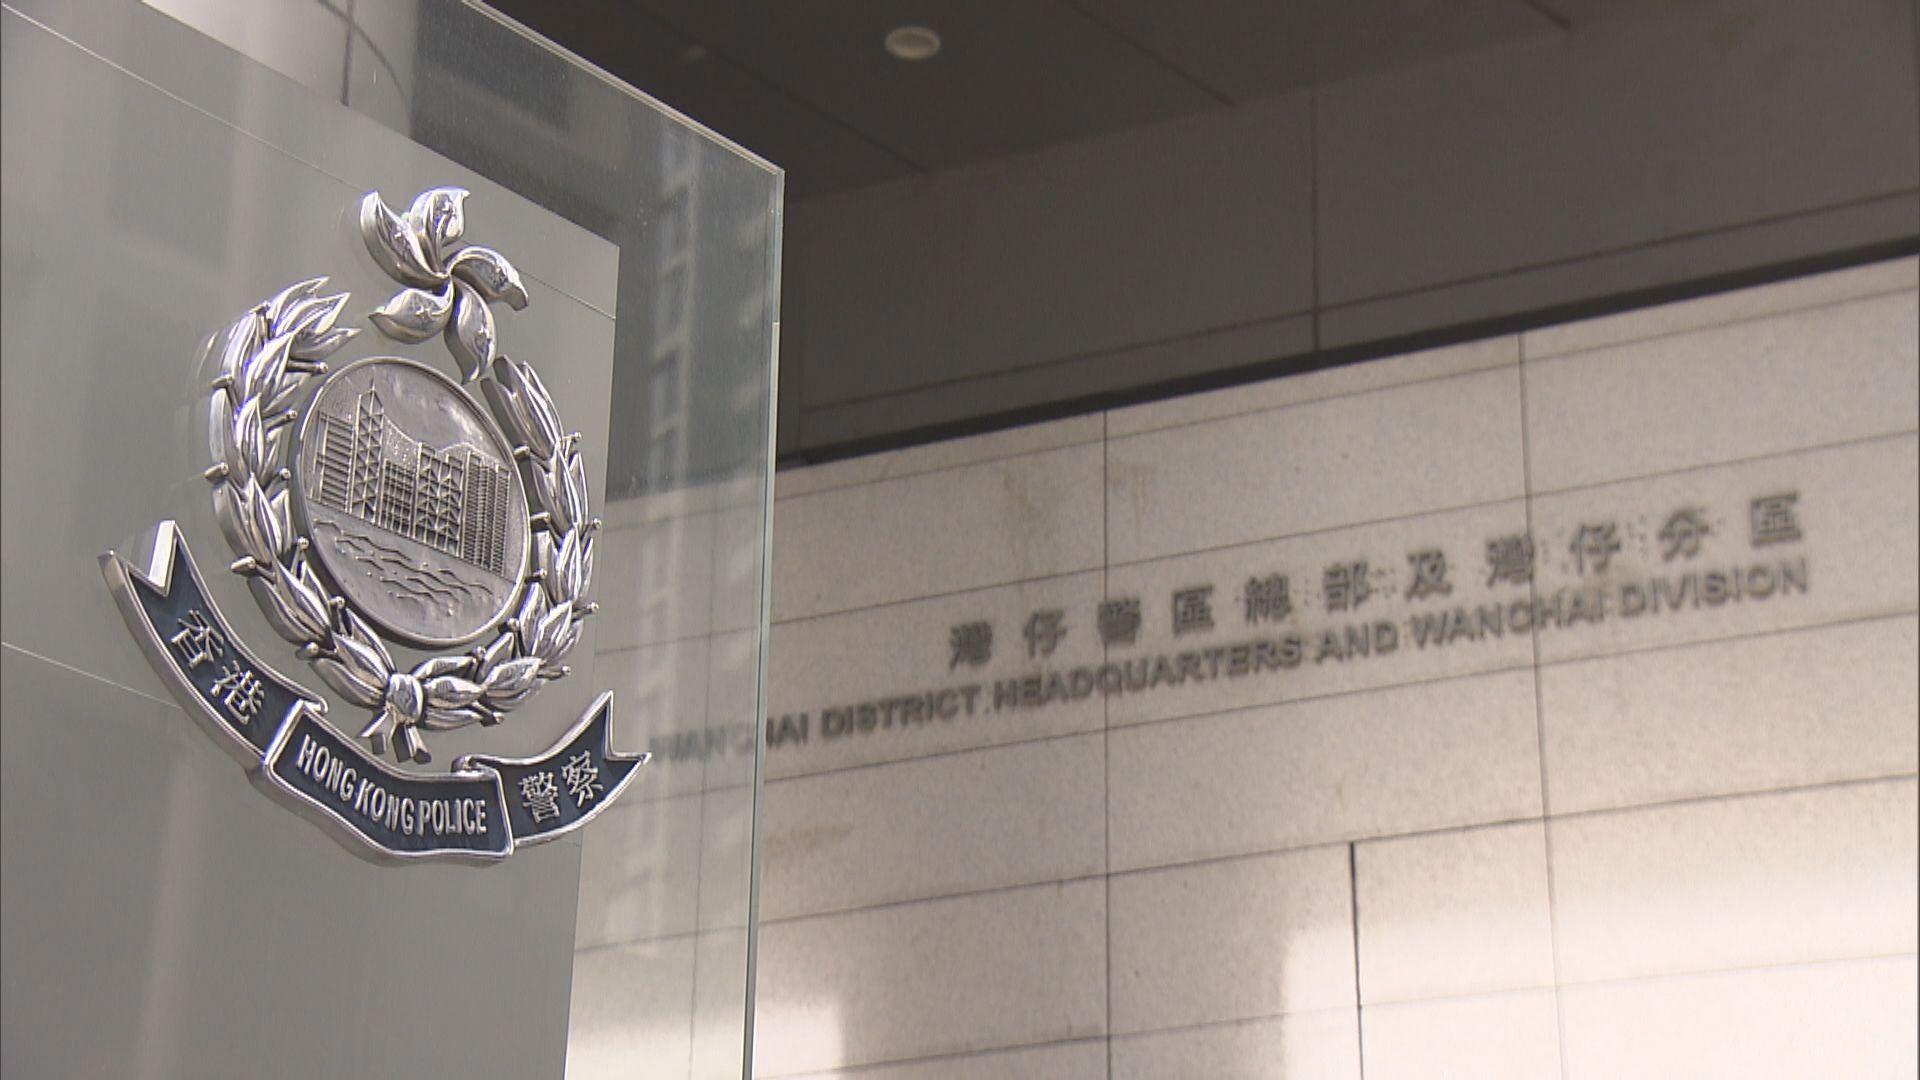 警鏡頭前展示記者身份證違私隱條例 警:已訓斥警員